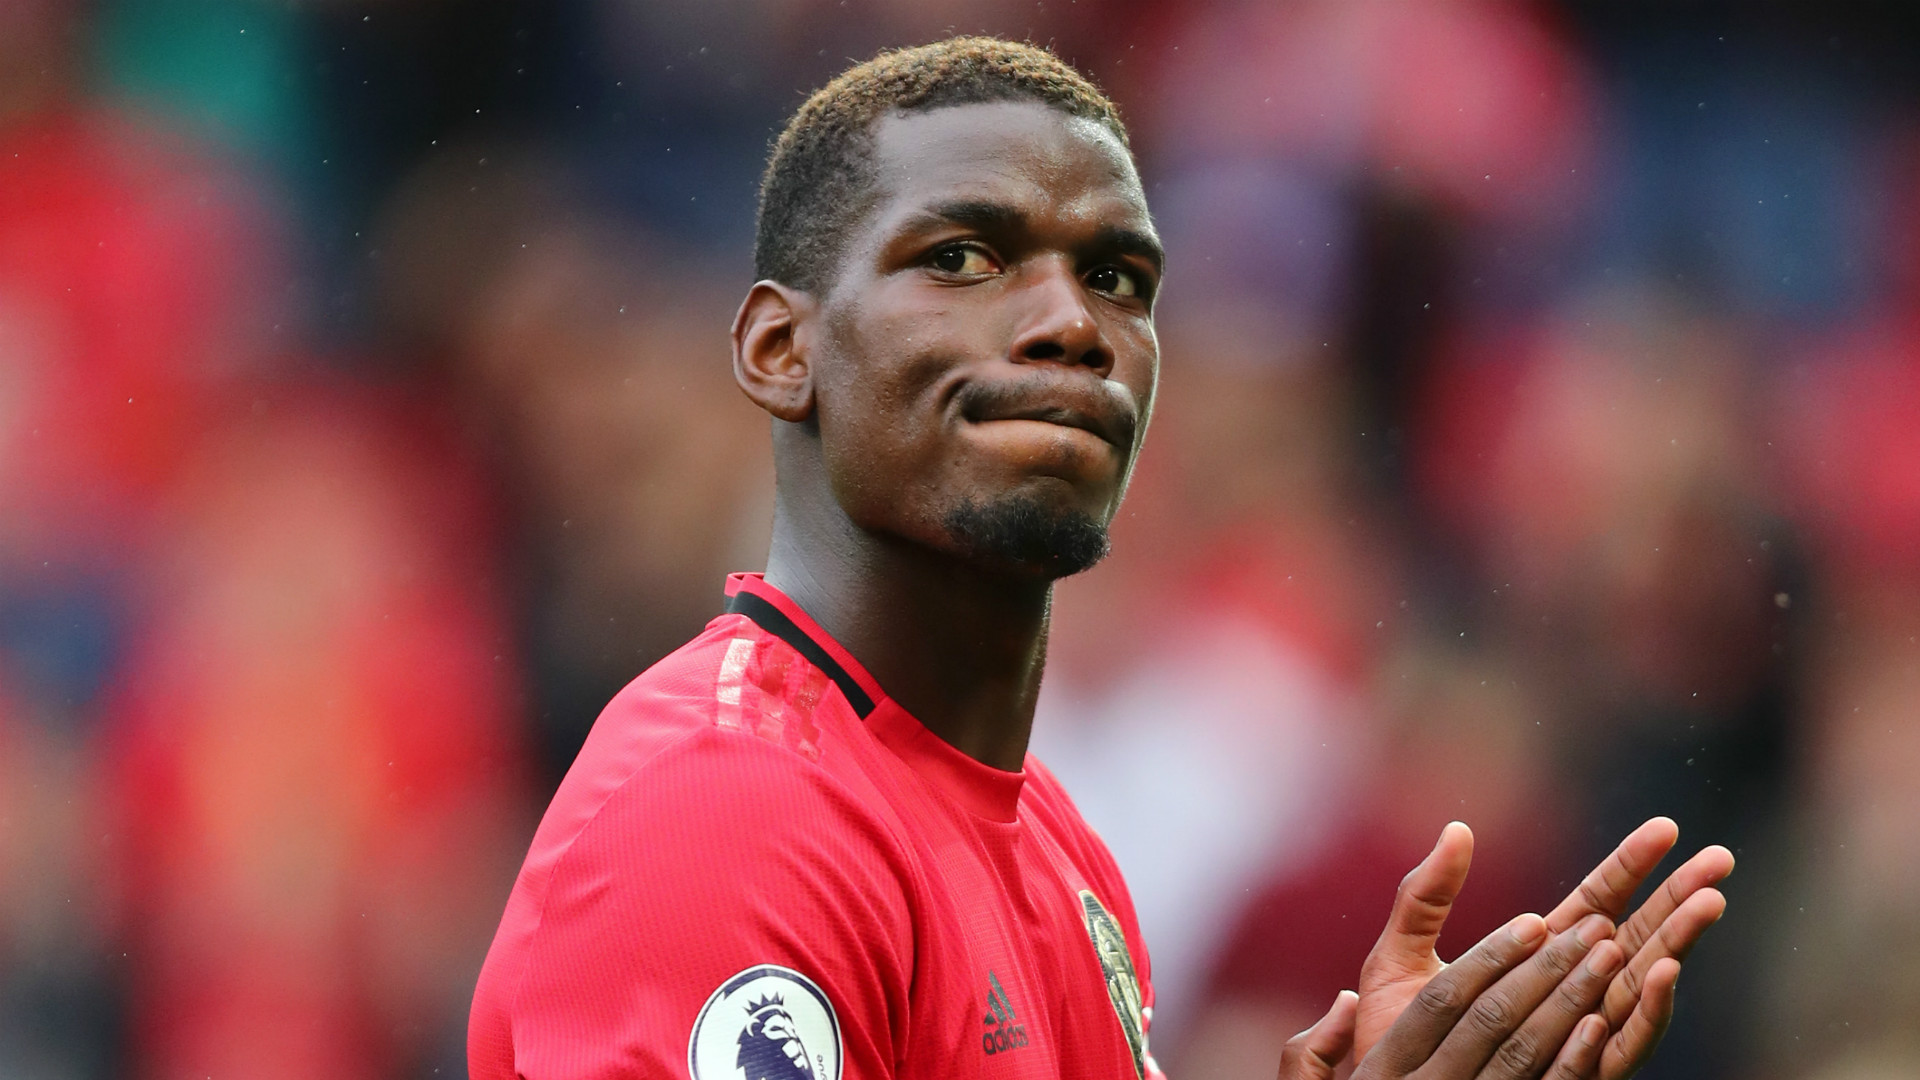 Berharap, Manchester United Siapkan Kontrak Baru untuk Paul Pogba